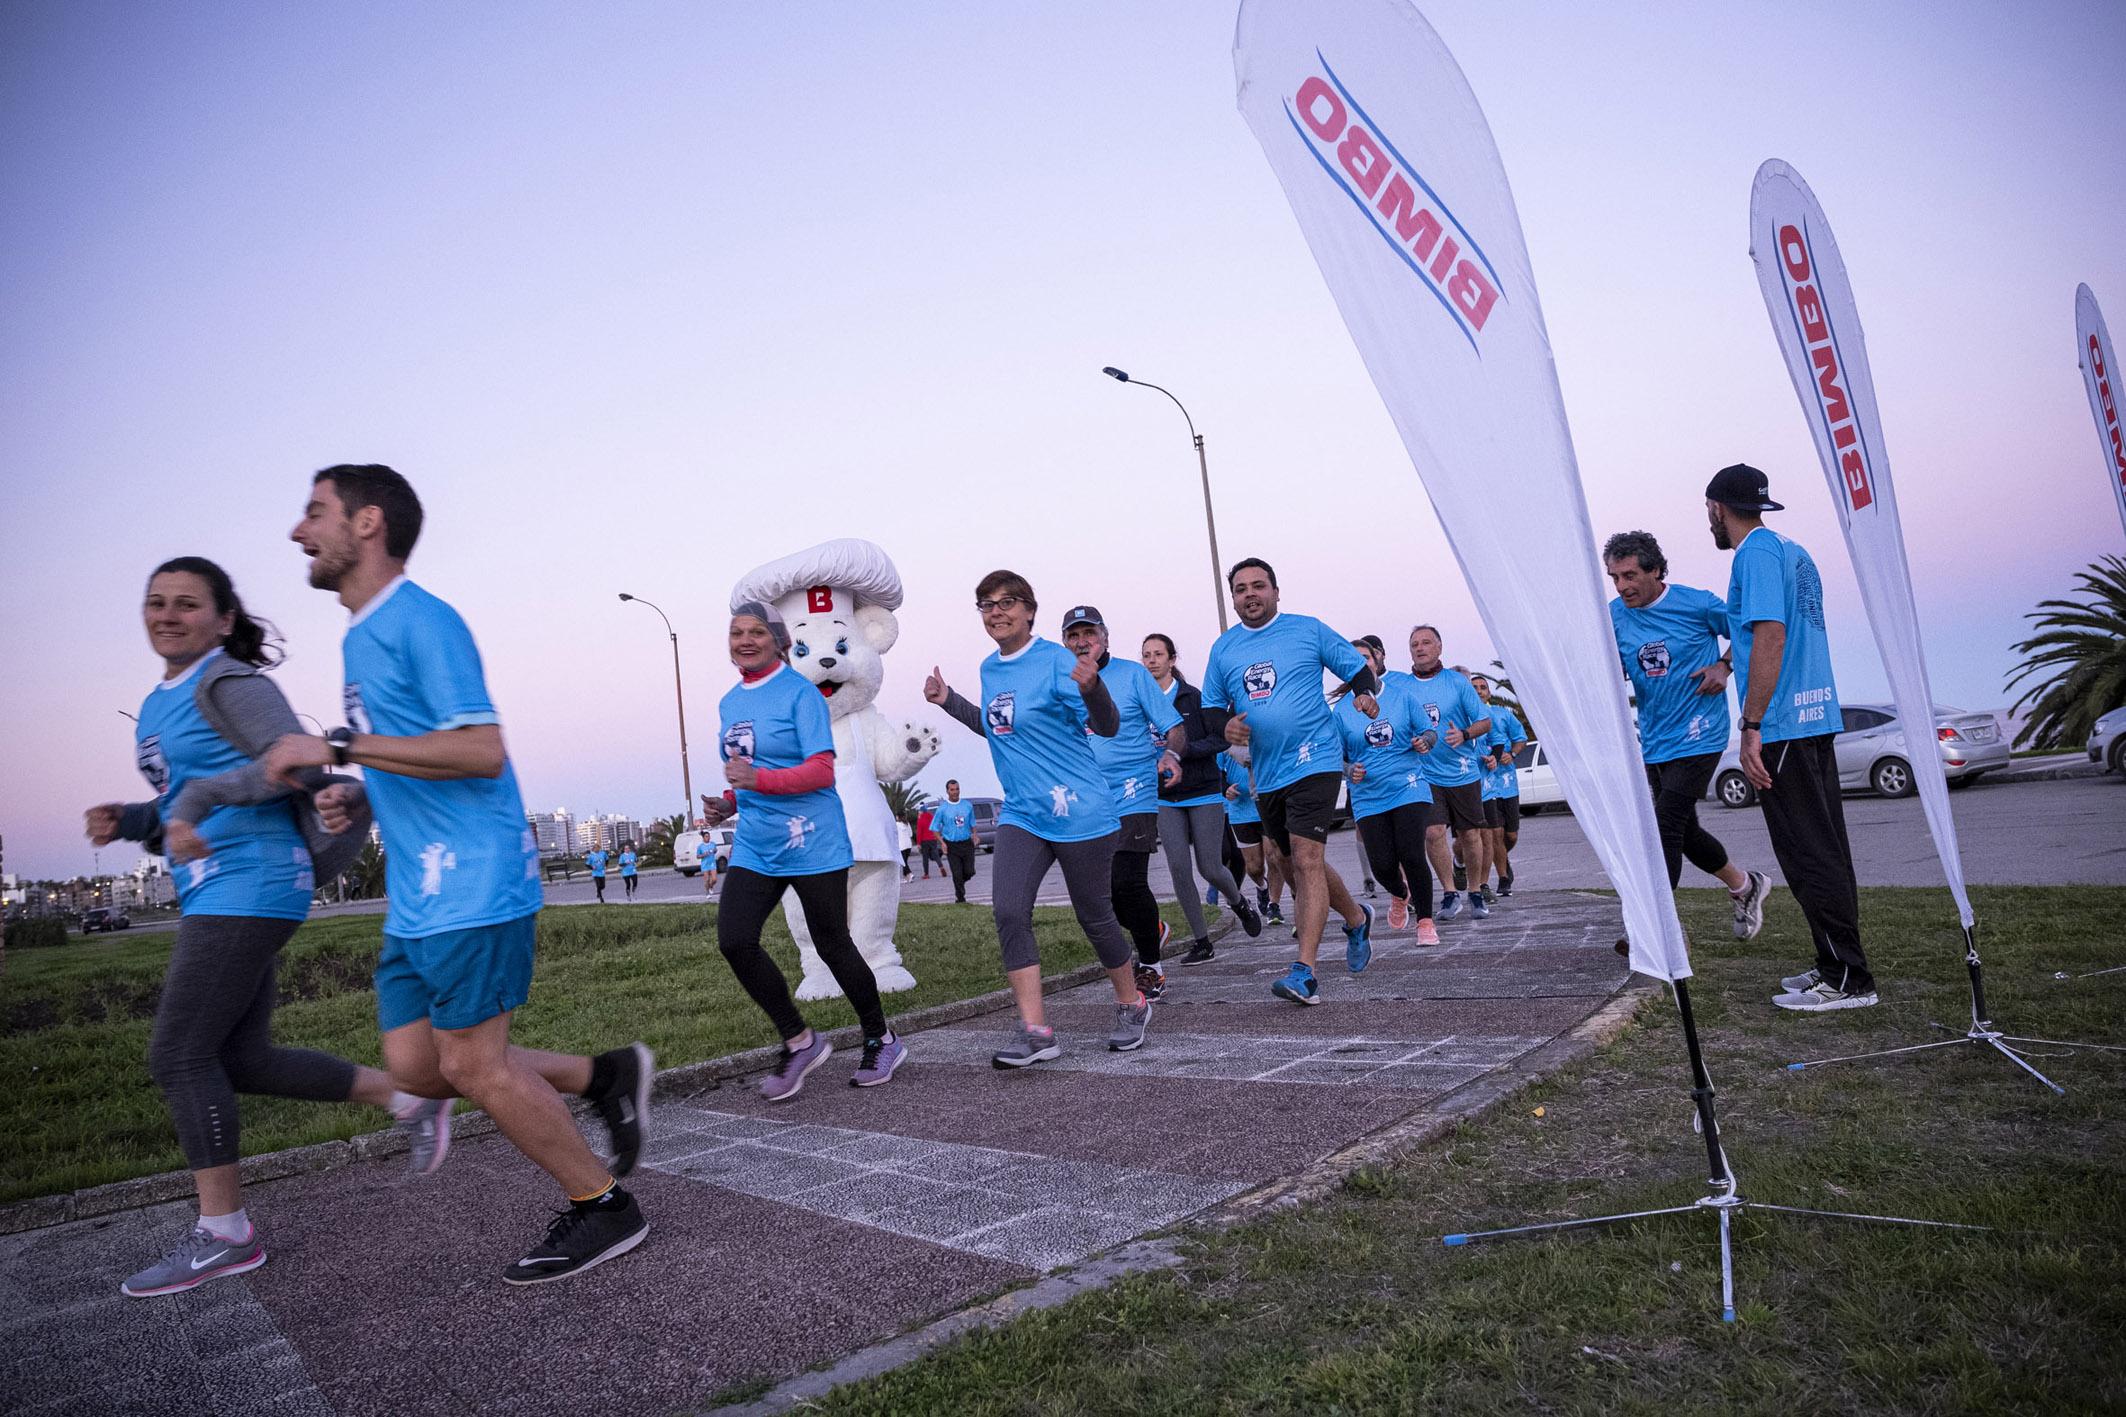 Equipo Bimbo Energy Race 2019- 2